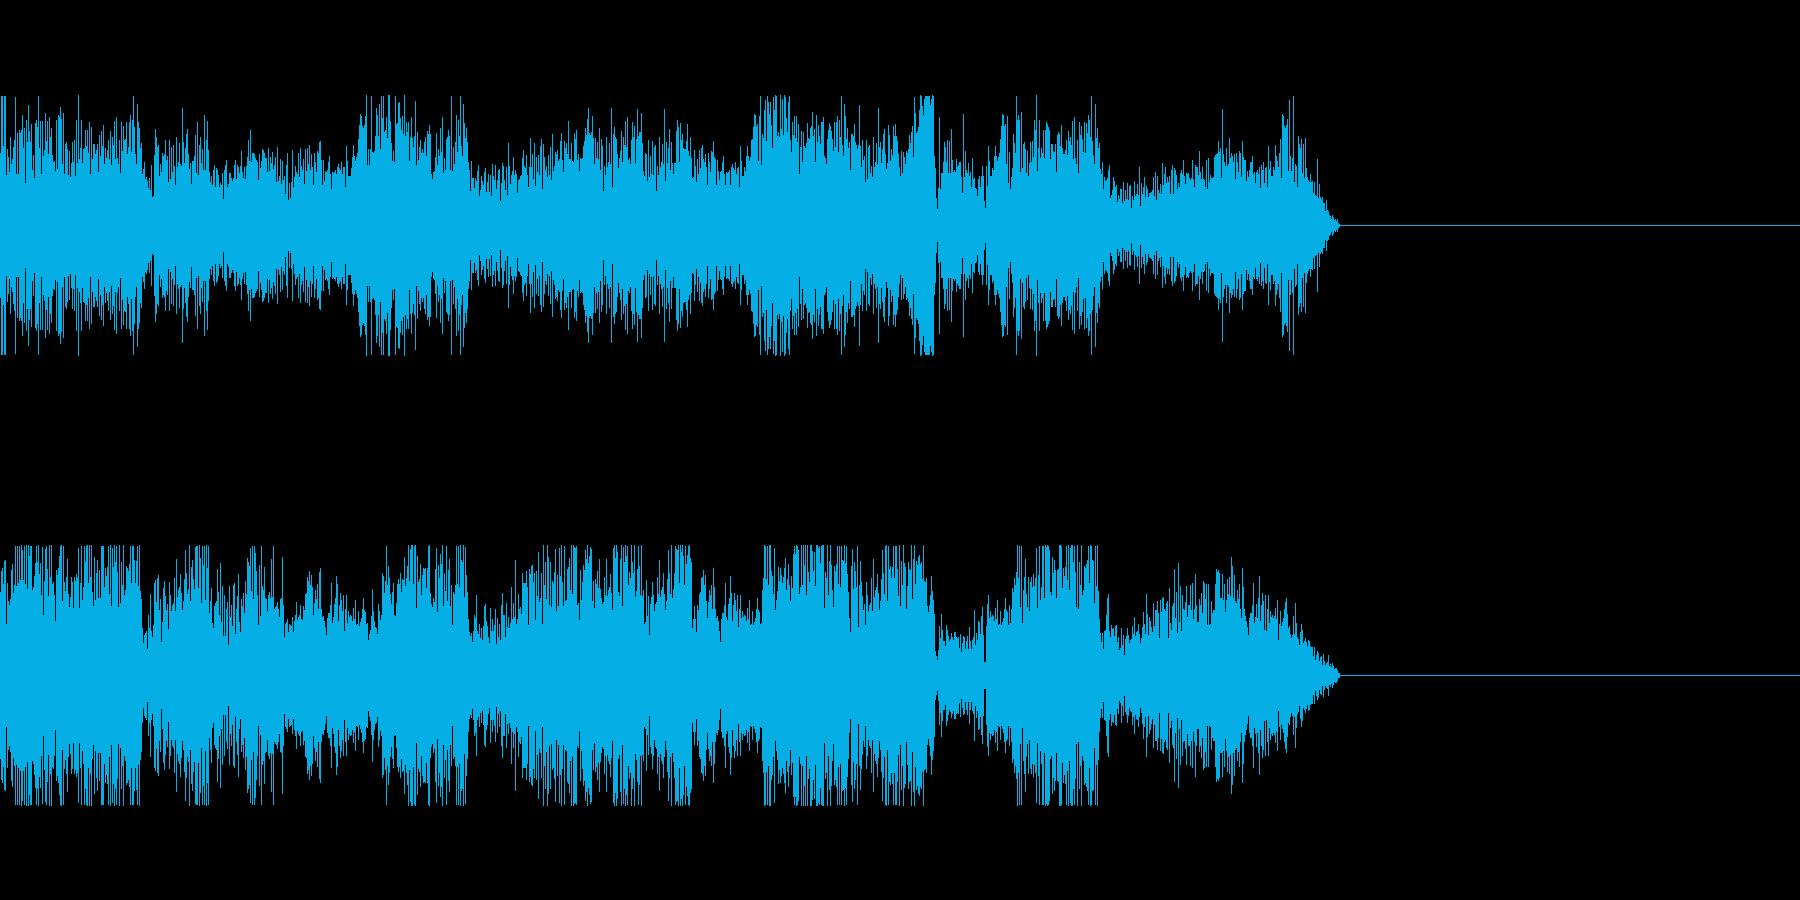 電波ノイズ音の再生済みの波形